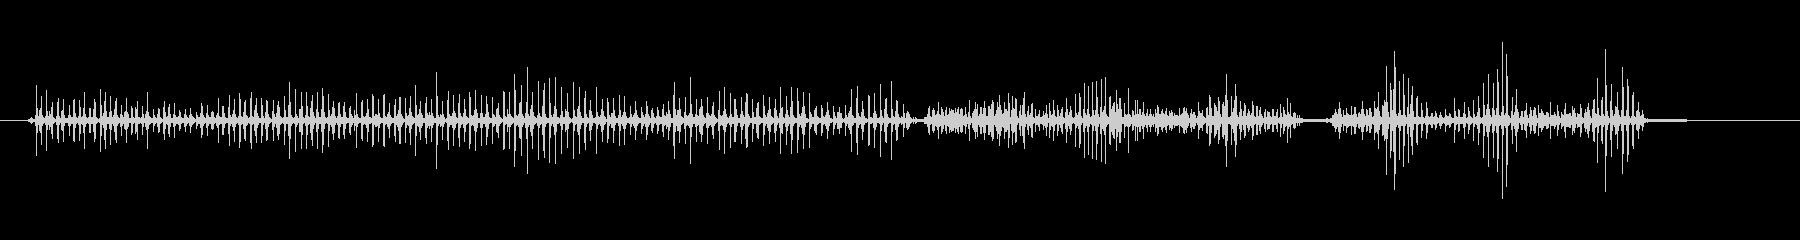 ファイヤーライトマッチ-ラトル、マ...の未再生の波形